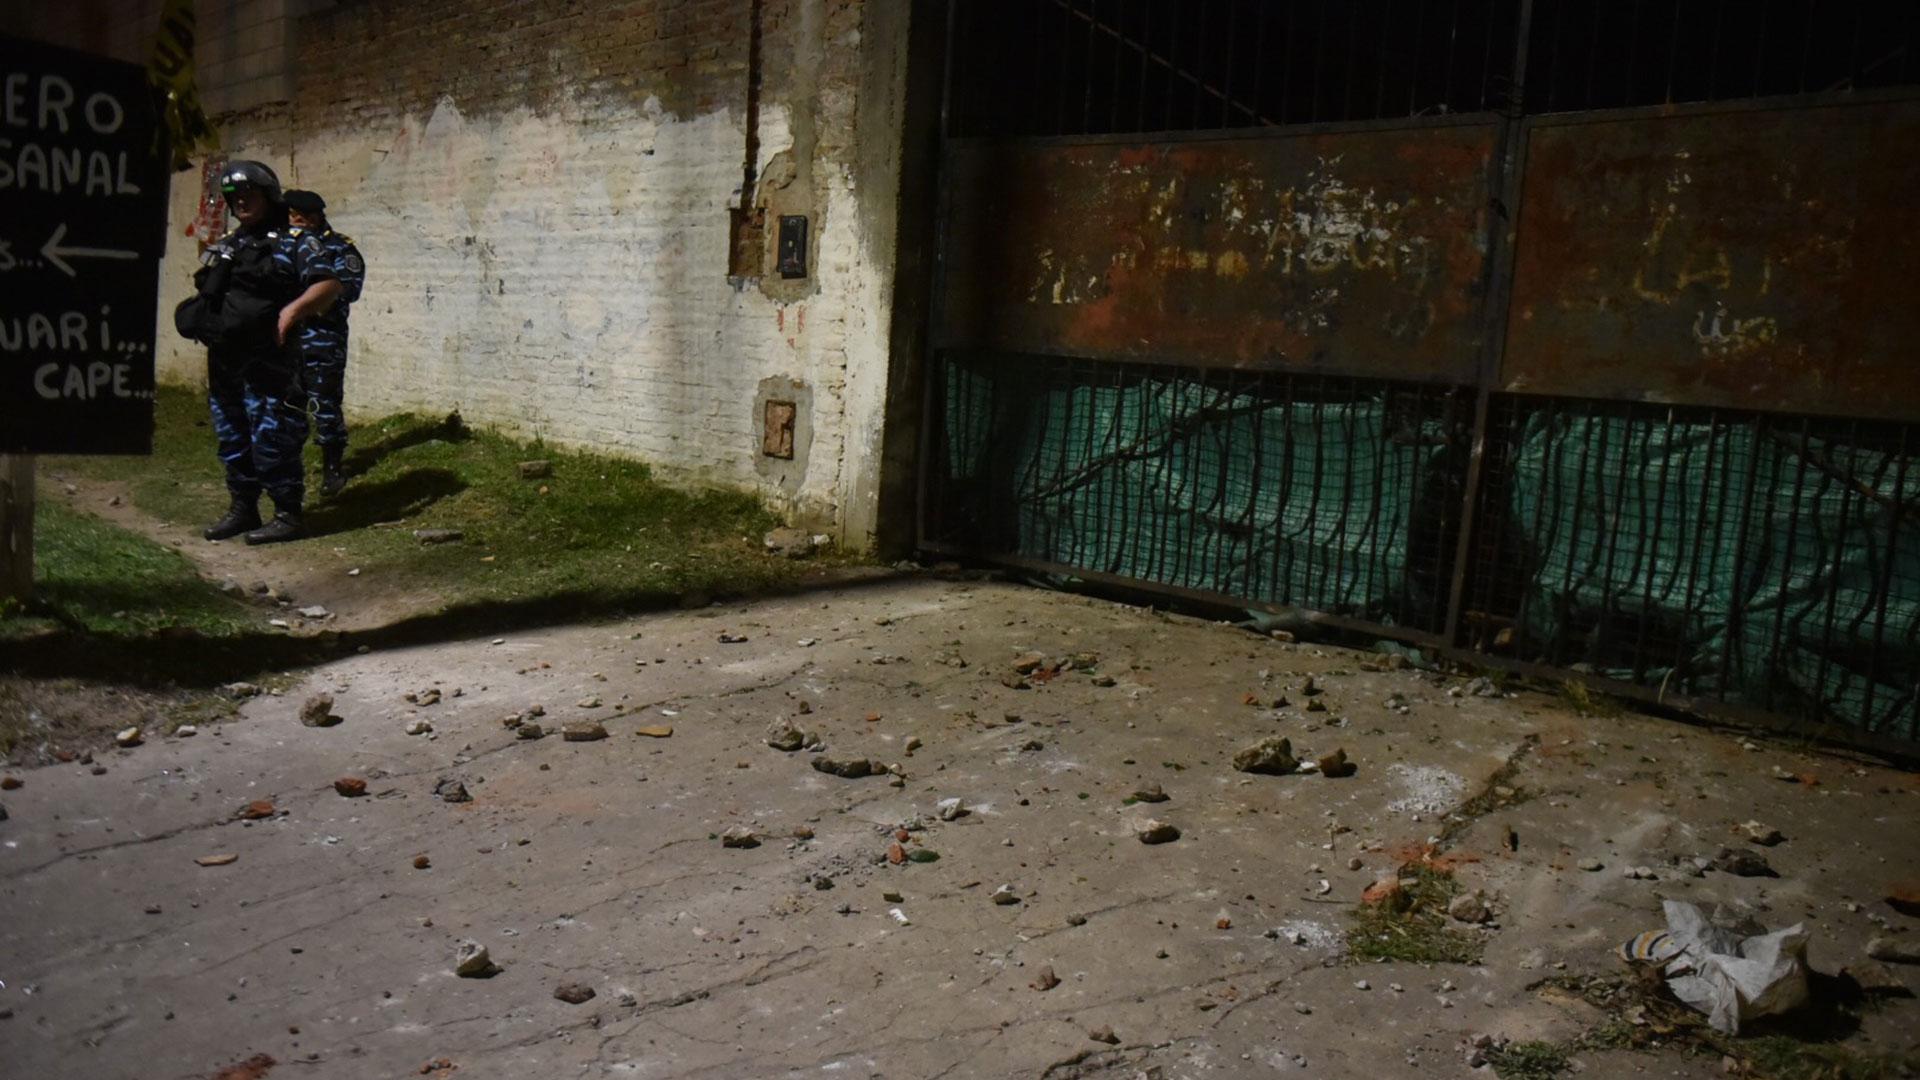 Las piedras: los restos de la furia vecinal en el Trujuy (Guille Llamos)